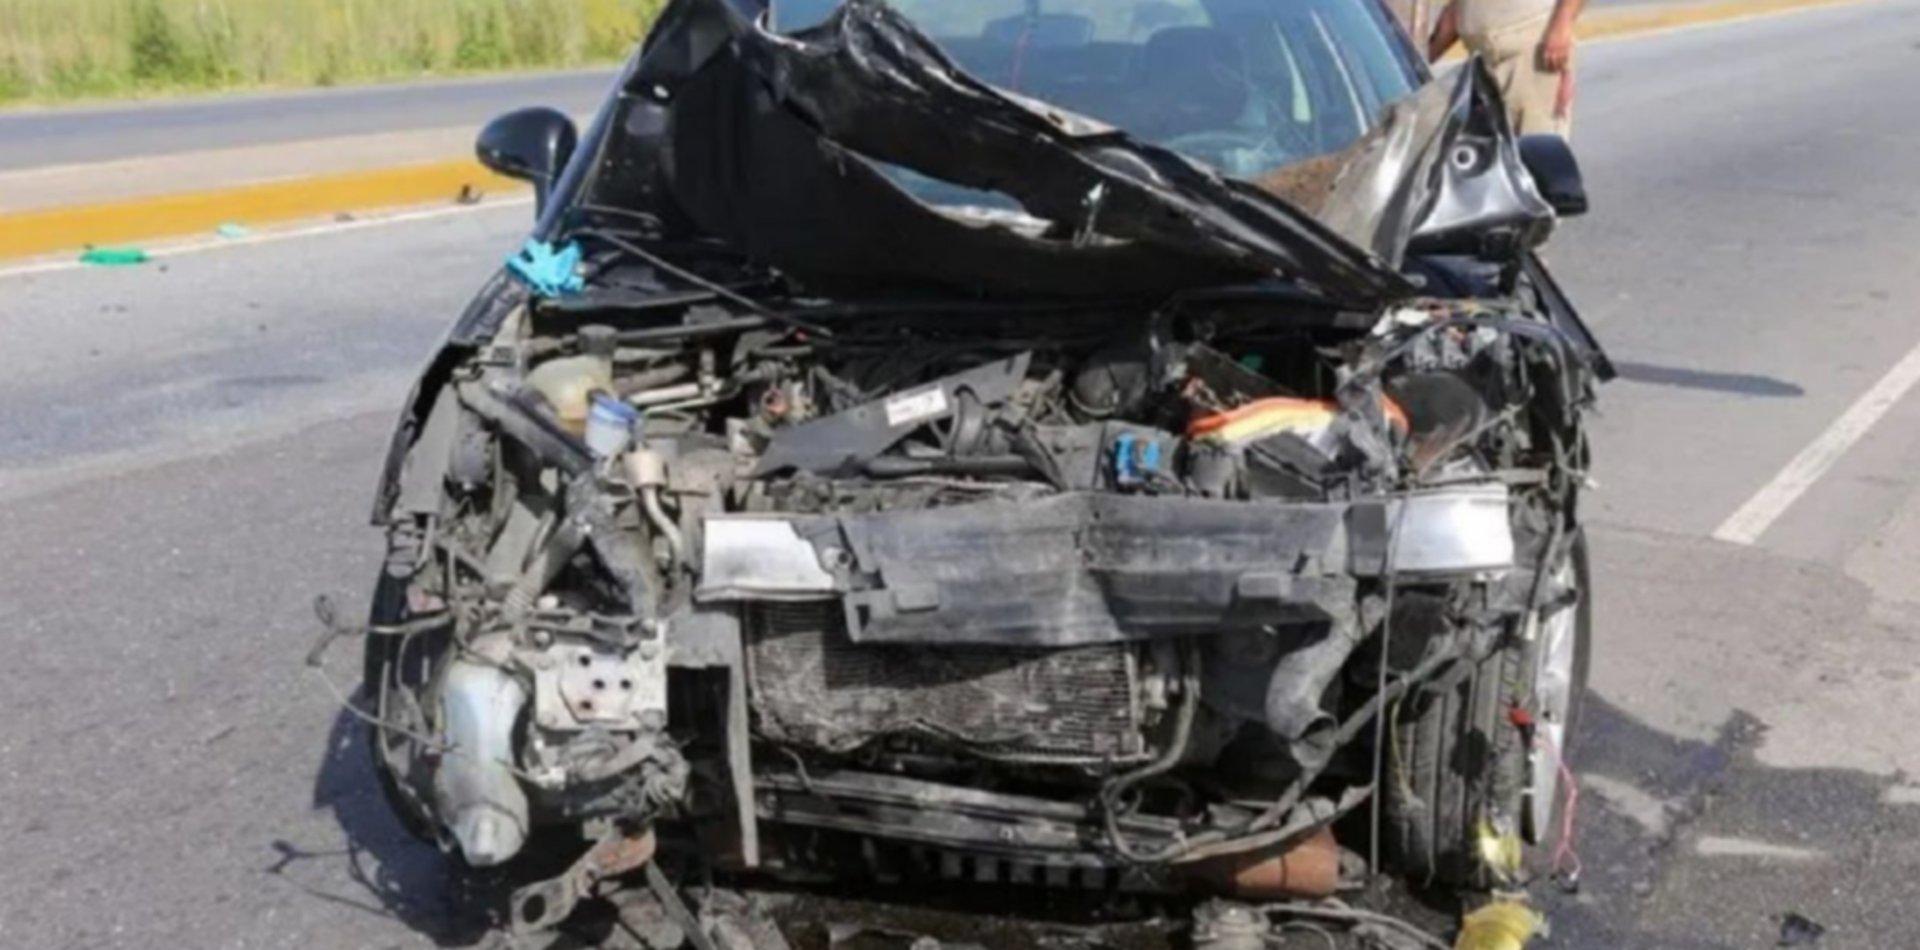 Choque fatal: murió un hombre e investigan si fue asesinado a golpes por un boxeador